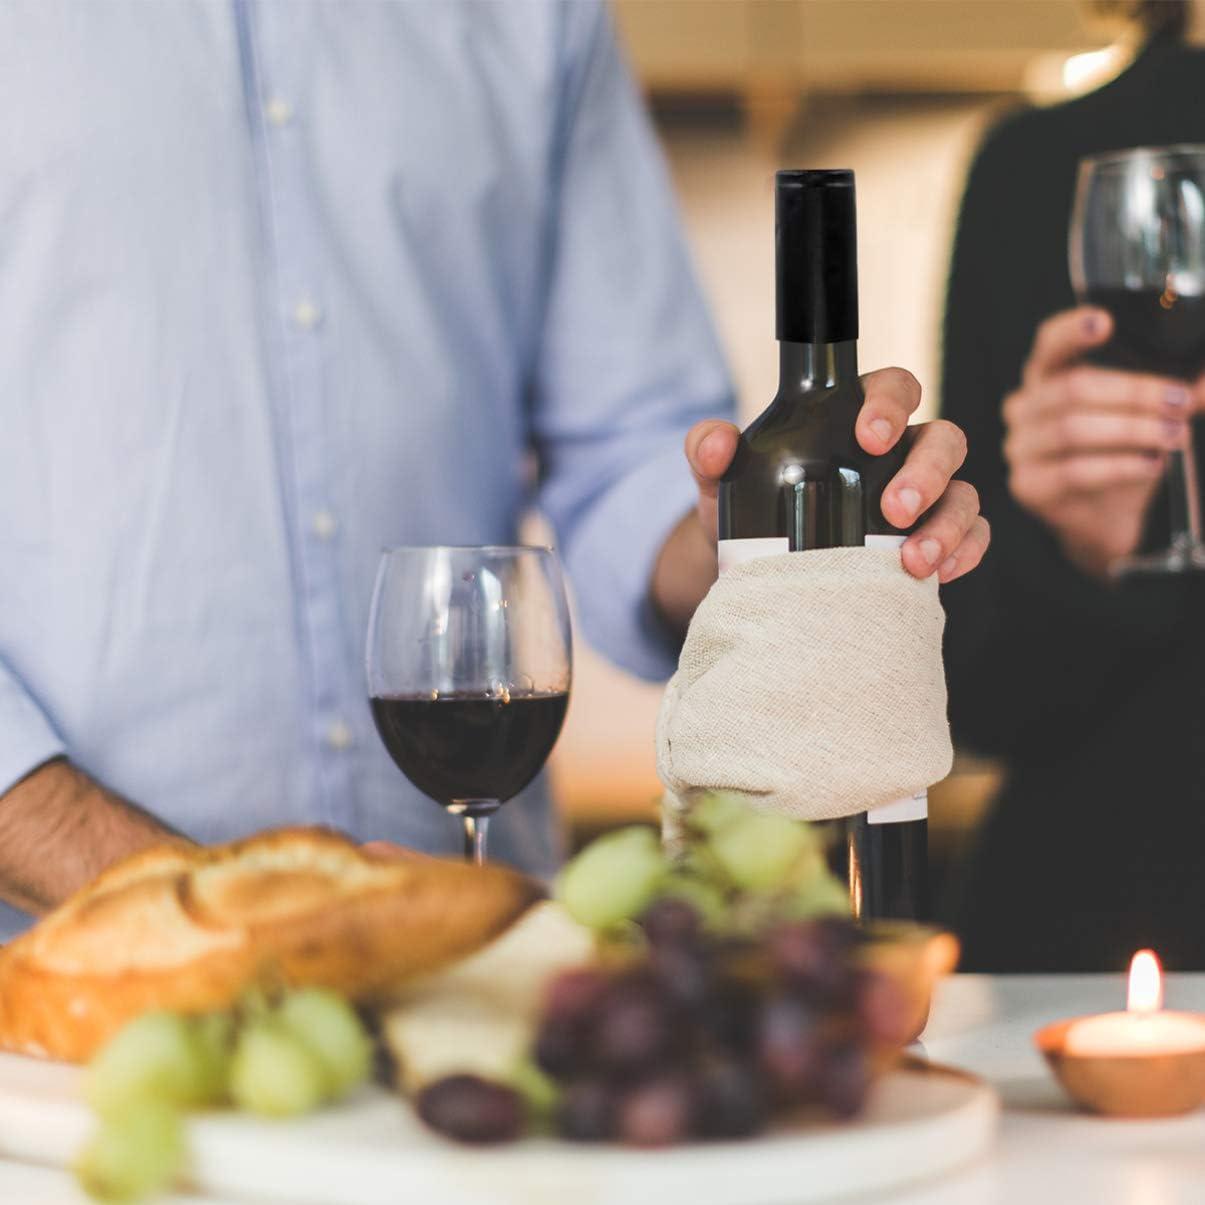 Hemoton 10 St/ücke Schrumpfkapseln Weinflaschen Kapseln Flaschenkapseln Siegelkapseln Schrumpfkappen Kapseln f/ür Weinkeller Wein Flaschen 30mm